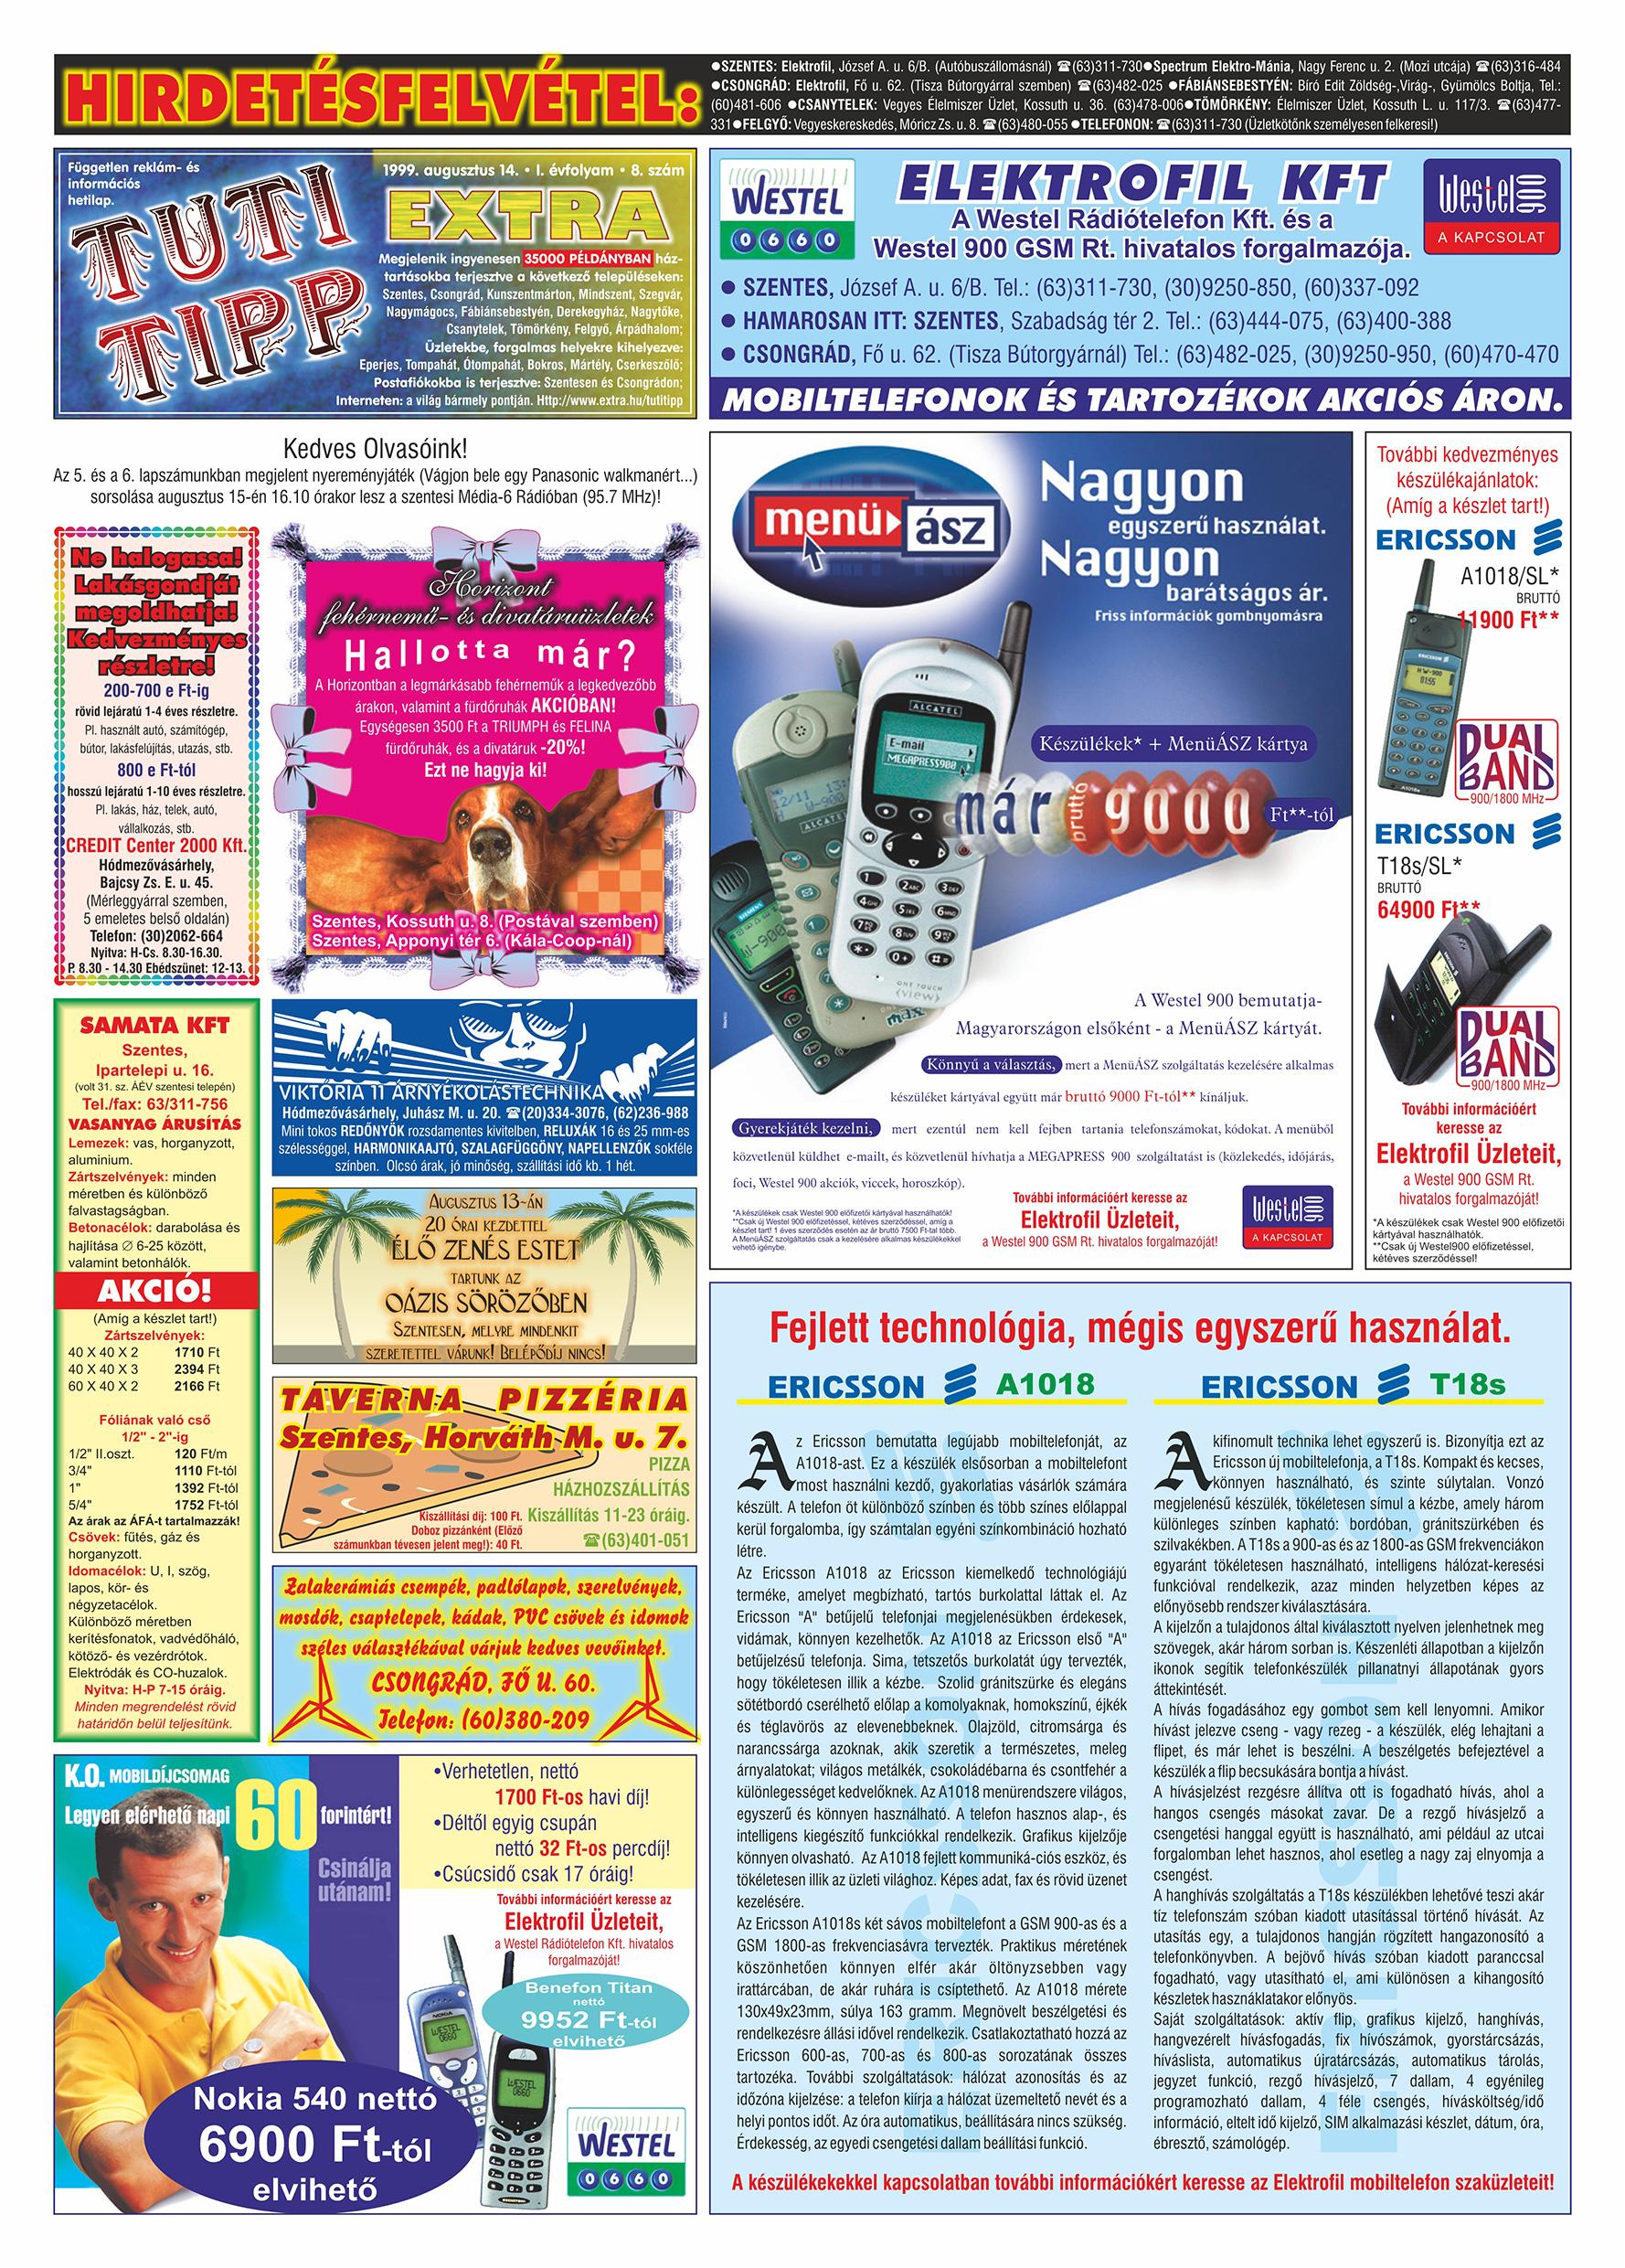 041 Tuti Tipp Extra reklámújság - 19990814-008. lapszám - 1.oldal - V. évfolyam.jpg